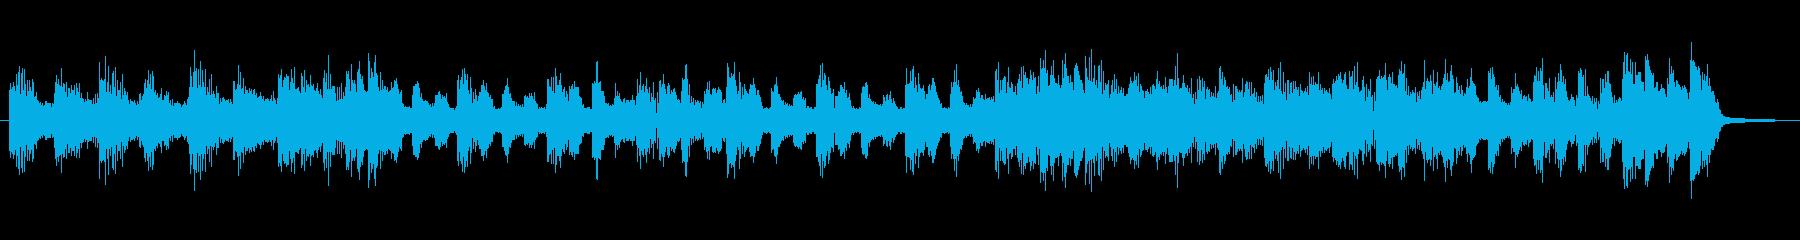 クイズ用考える時間の再生済みの波形